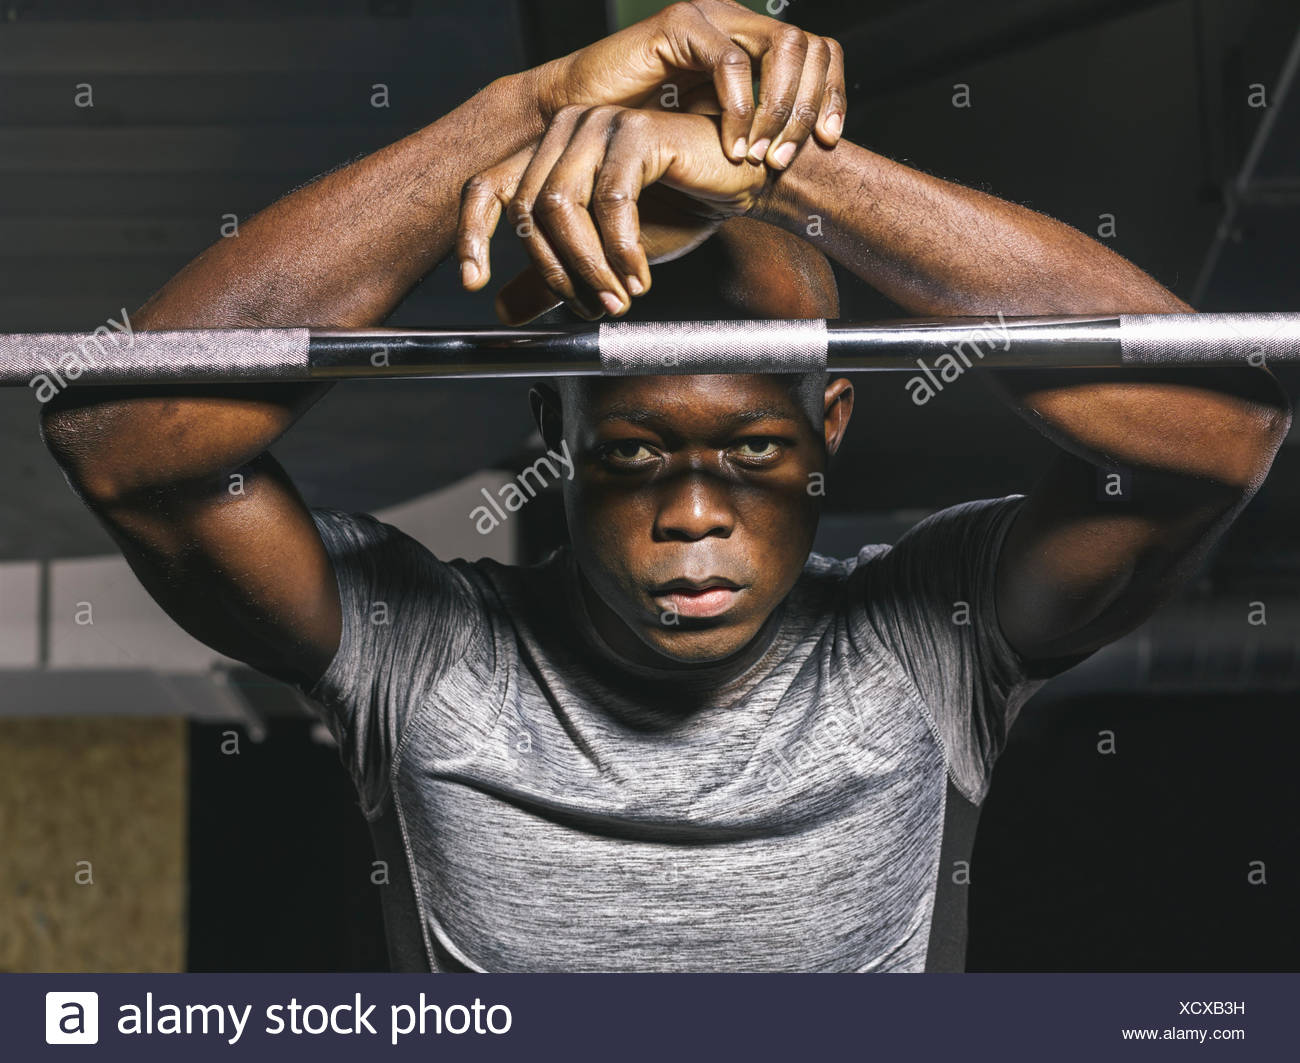 Porträt von physischen Athlet ruht auf Langhantel im Fitness-Studio Stockbild